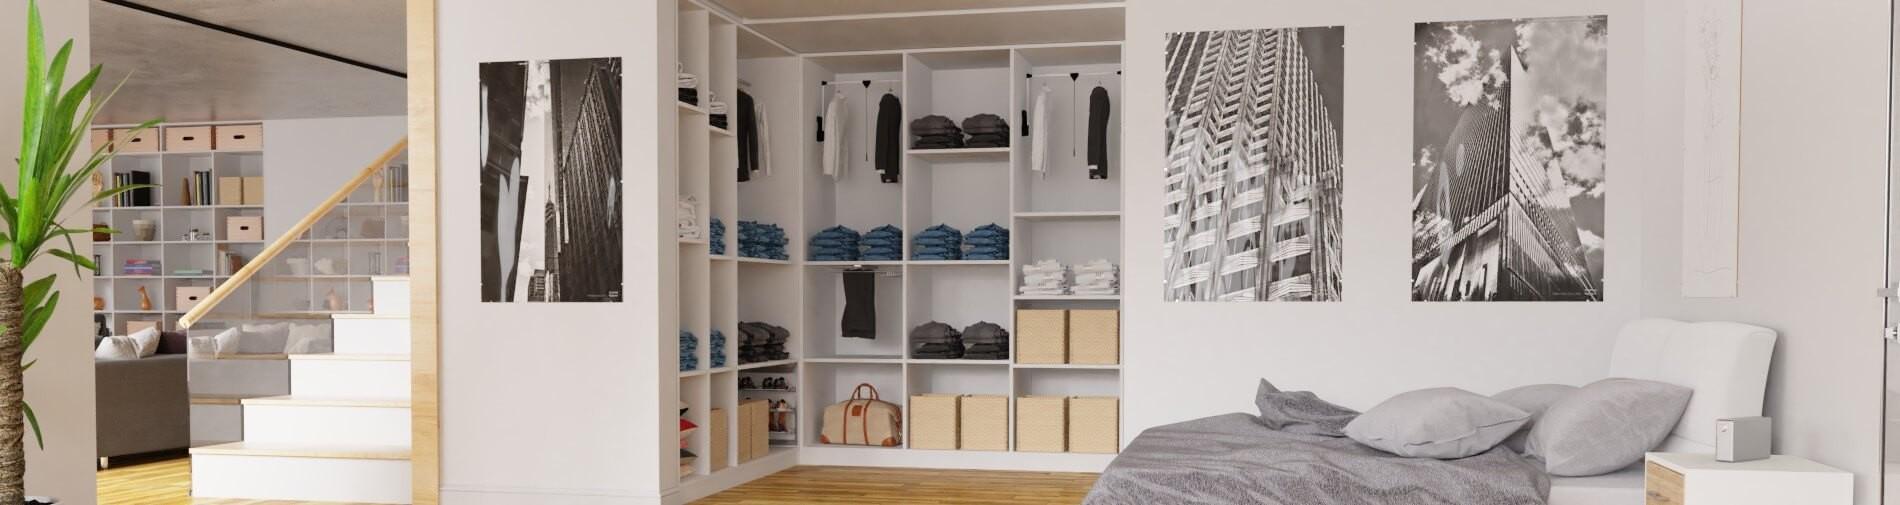 Schlafzimmer begehbarer Schrank maßgefertigt